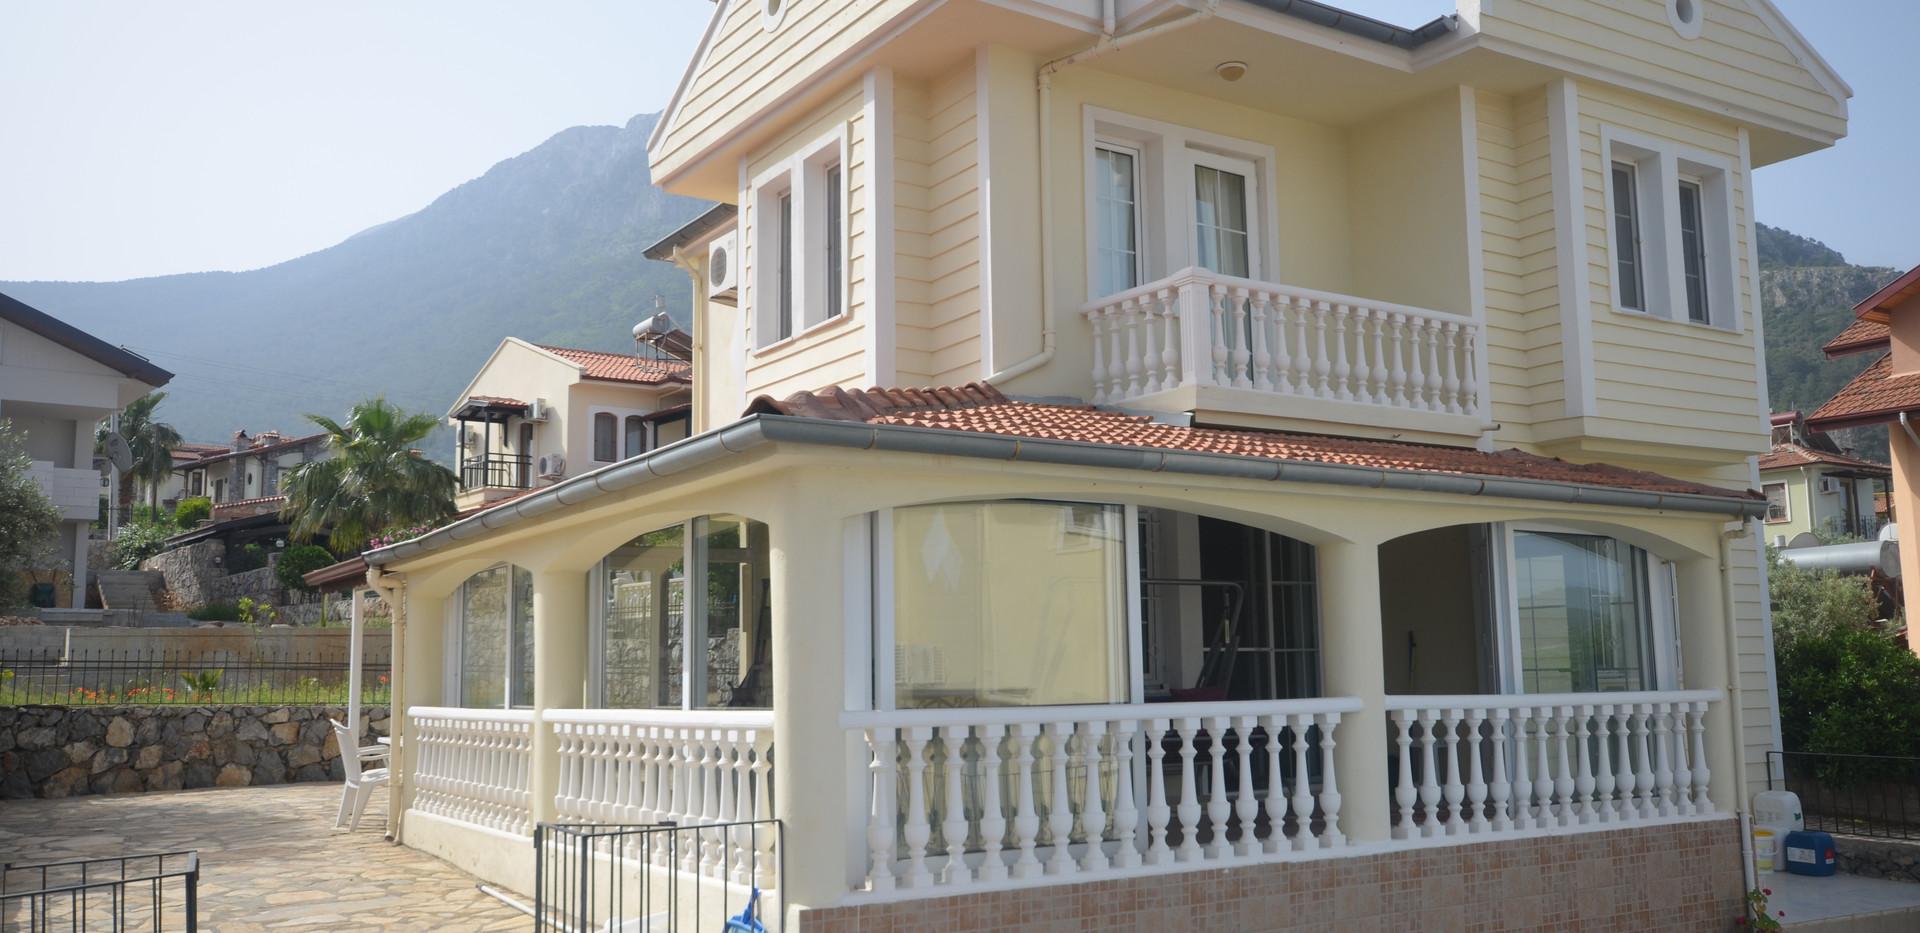 Conservatory Style Balcony